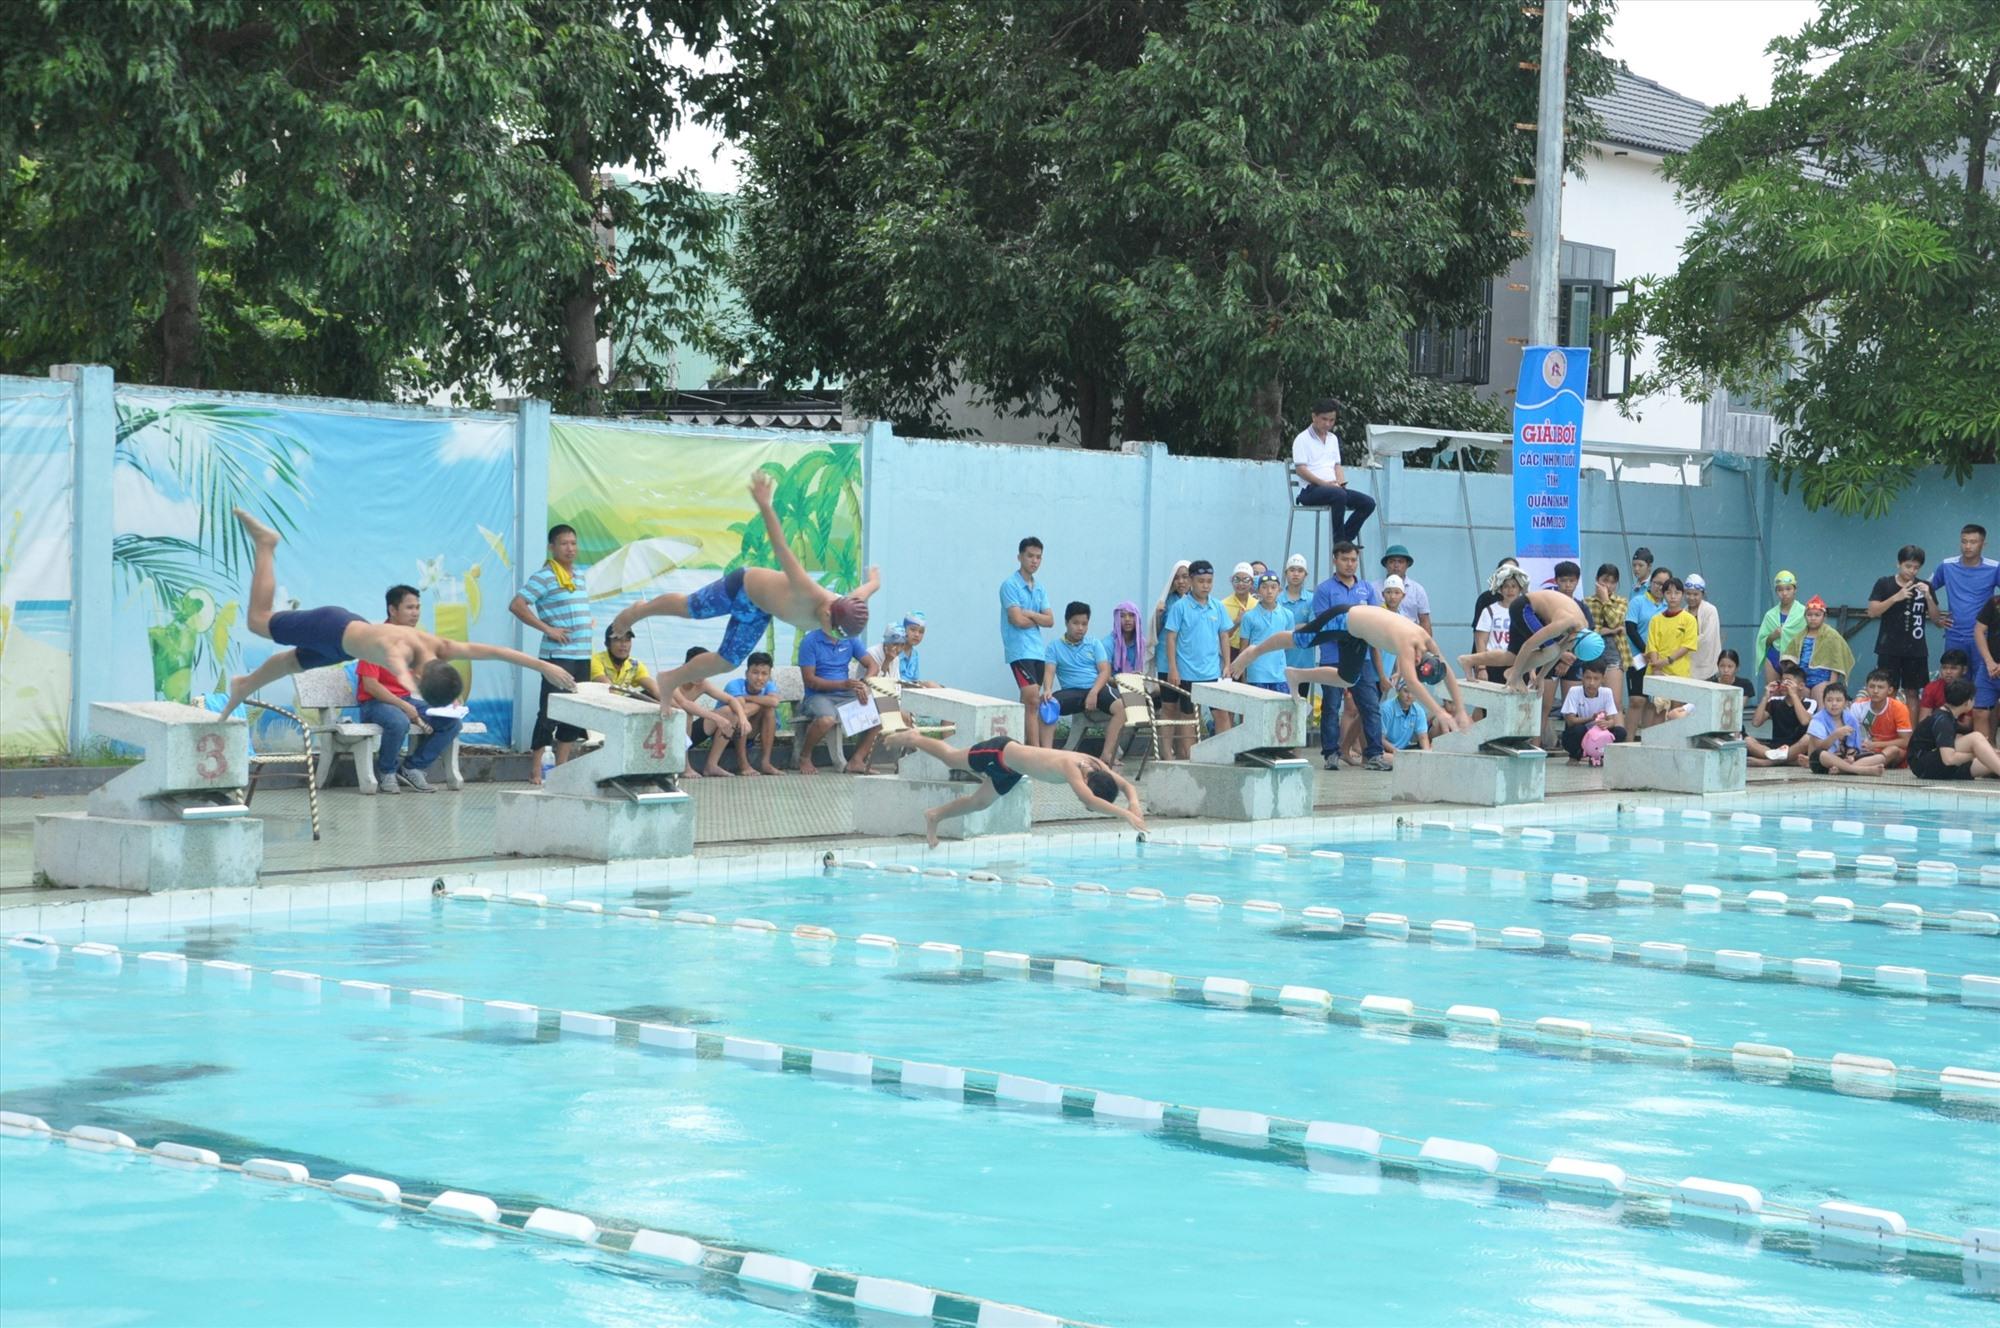 Hồ bơi Trung tâm Thanh thiếu niên miền Trung (TP.Tam Kỳ) sẽ là địa điểm tổ chức giải Bơi học sinh phổ thông toàn quốc năm 2020. Ảnh: T.VY